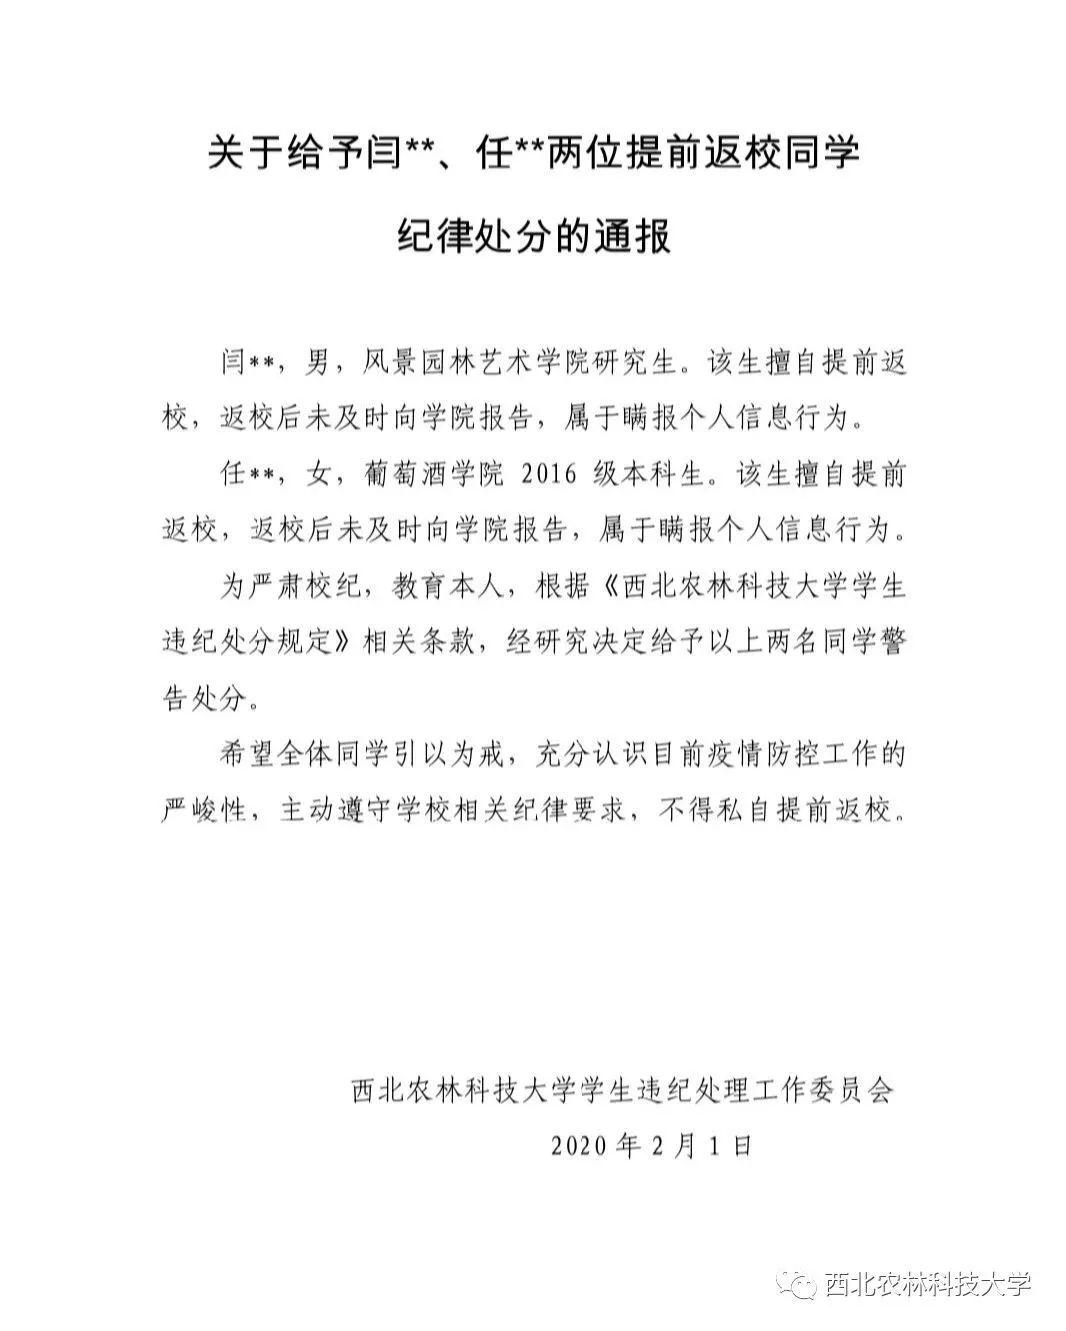 一本道2020综合中文字幕,青青青手机中文字幕水中色,有码青春草中文字幕视频在线